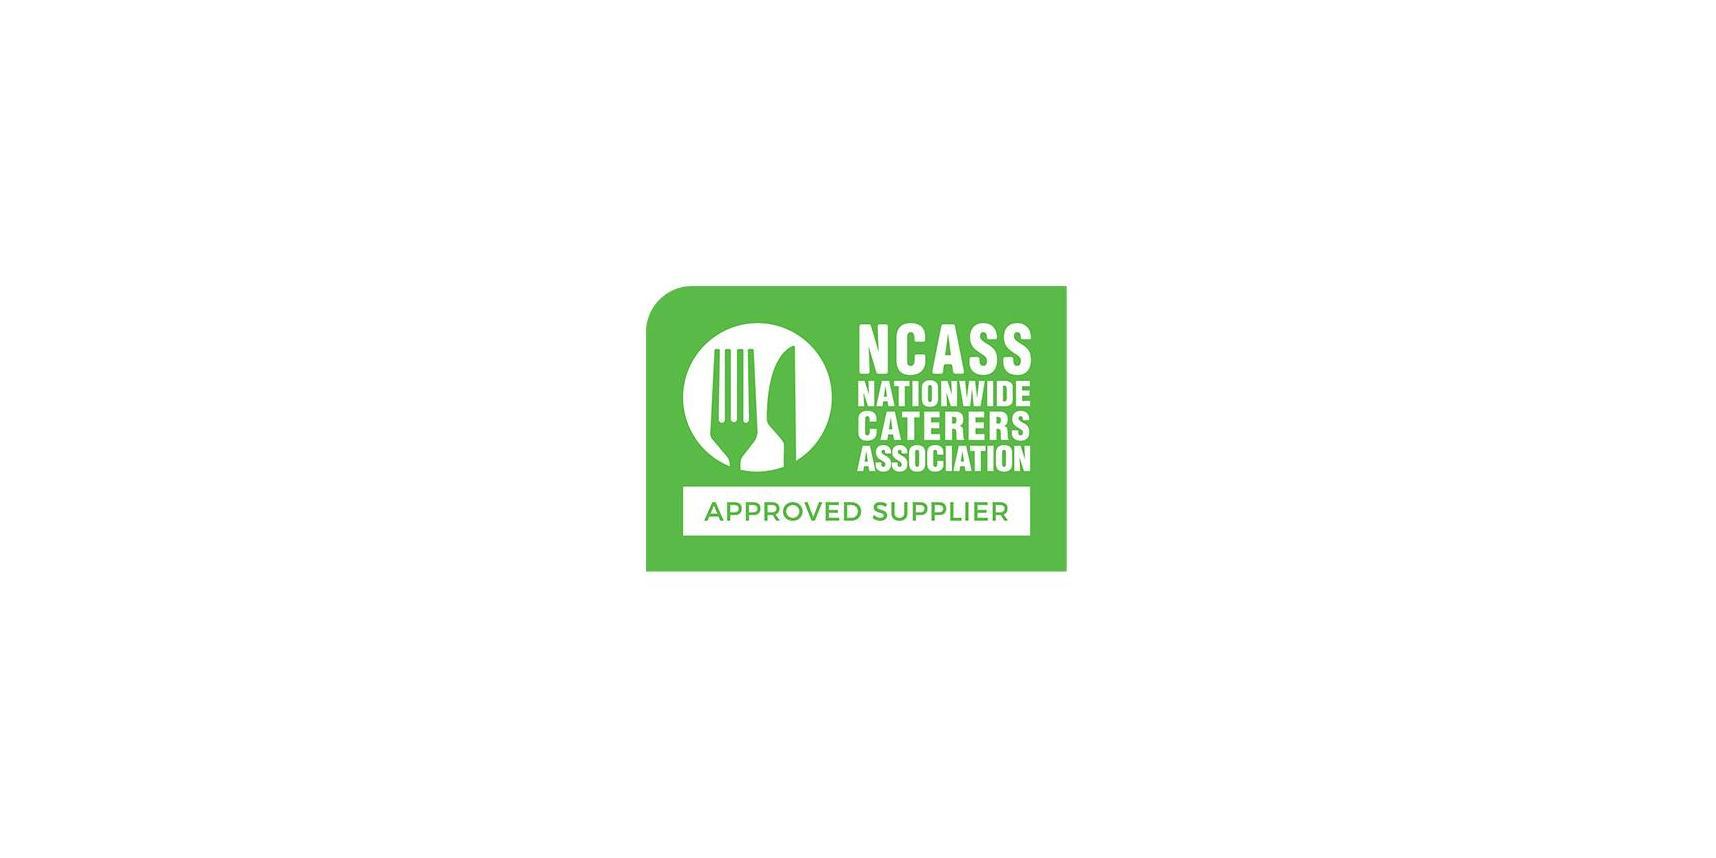 BioPak is a NCASS approved supplier